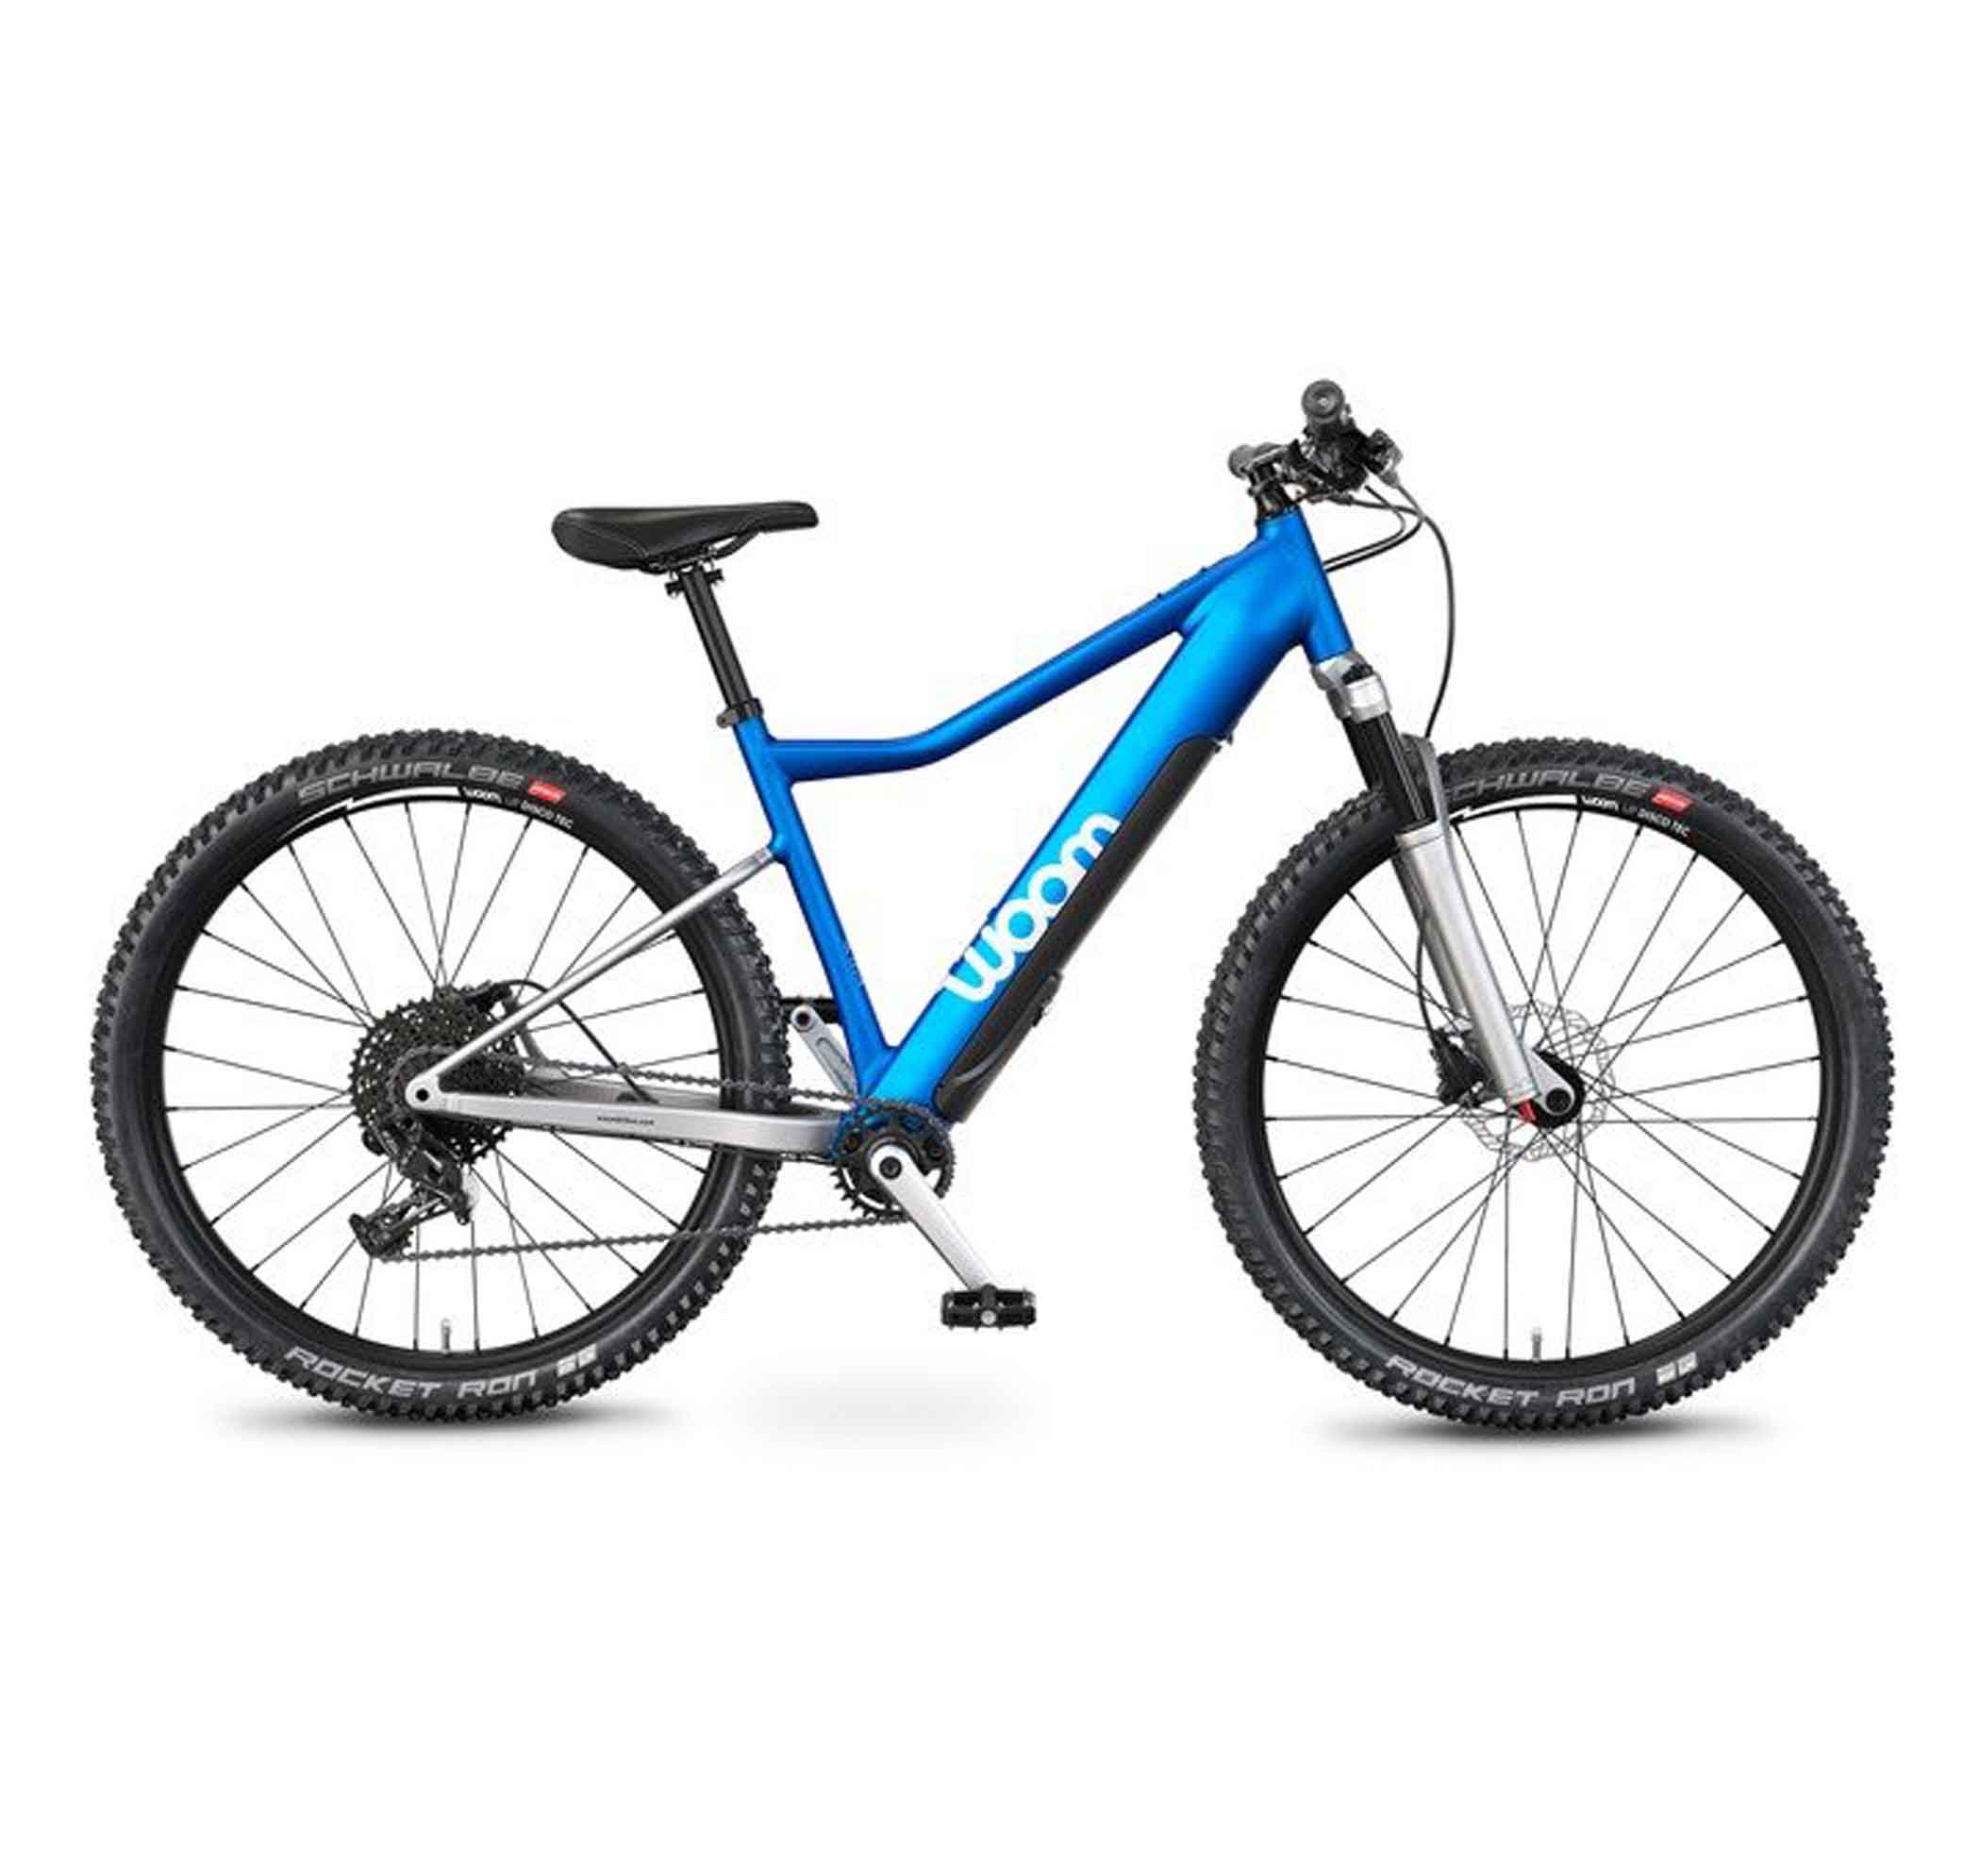 Woom_Rodeo_Bike_Woom_UP_6